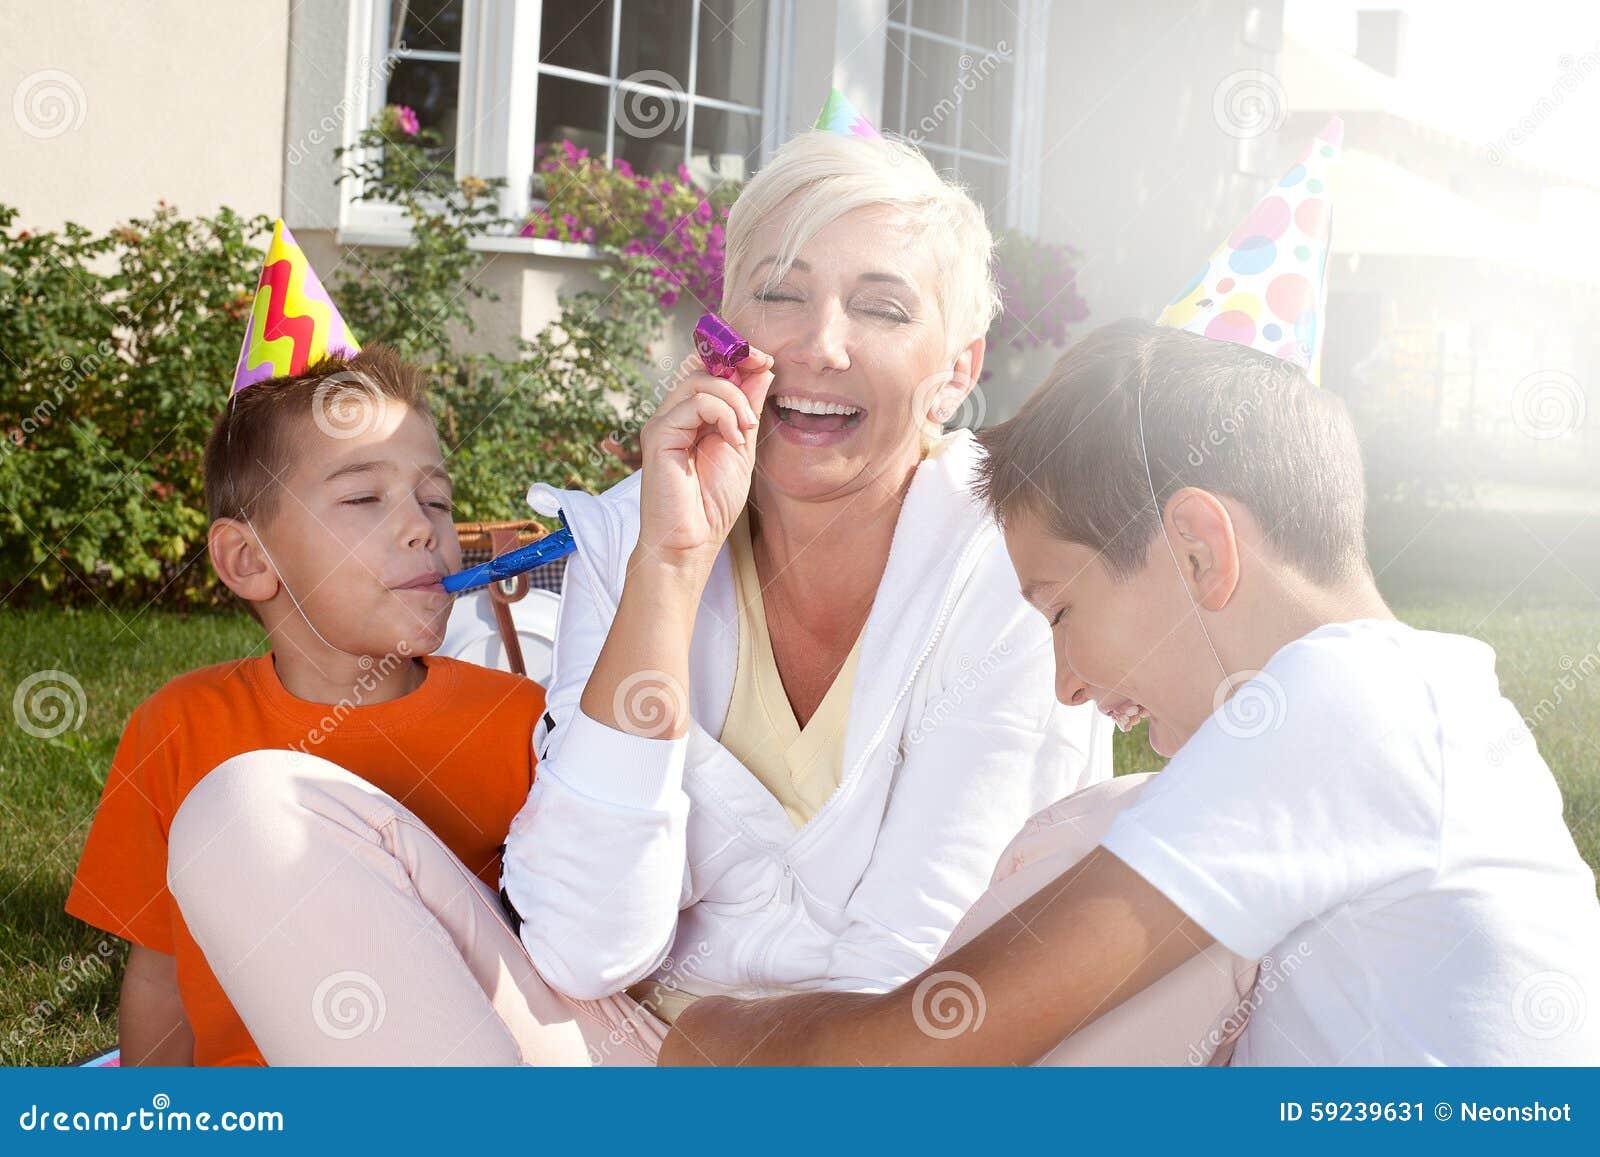 Download Fiesta De Cumpleaños De La Familia Imagen de archivo - Imagen de cumpleaños, alegre: 59239631